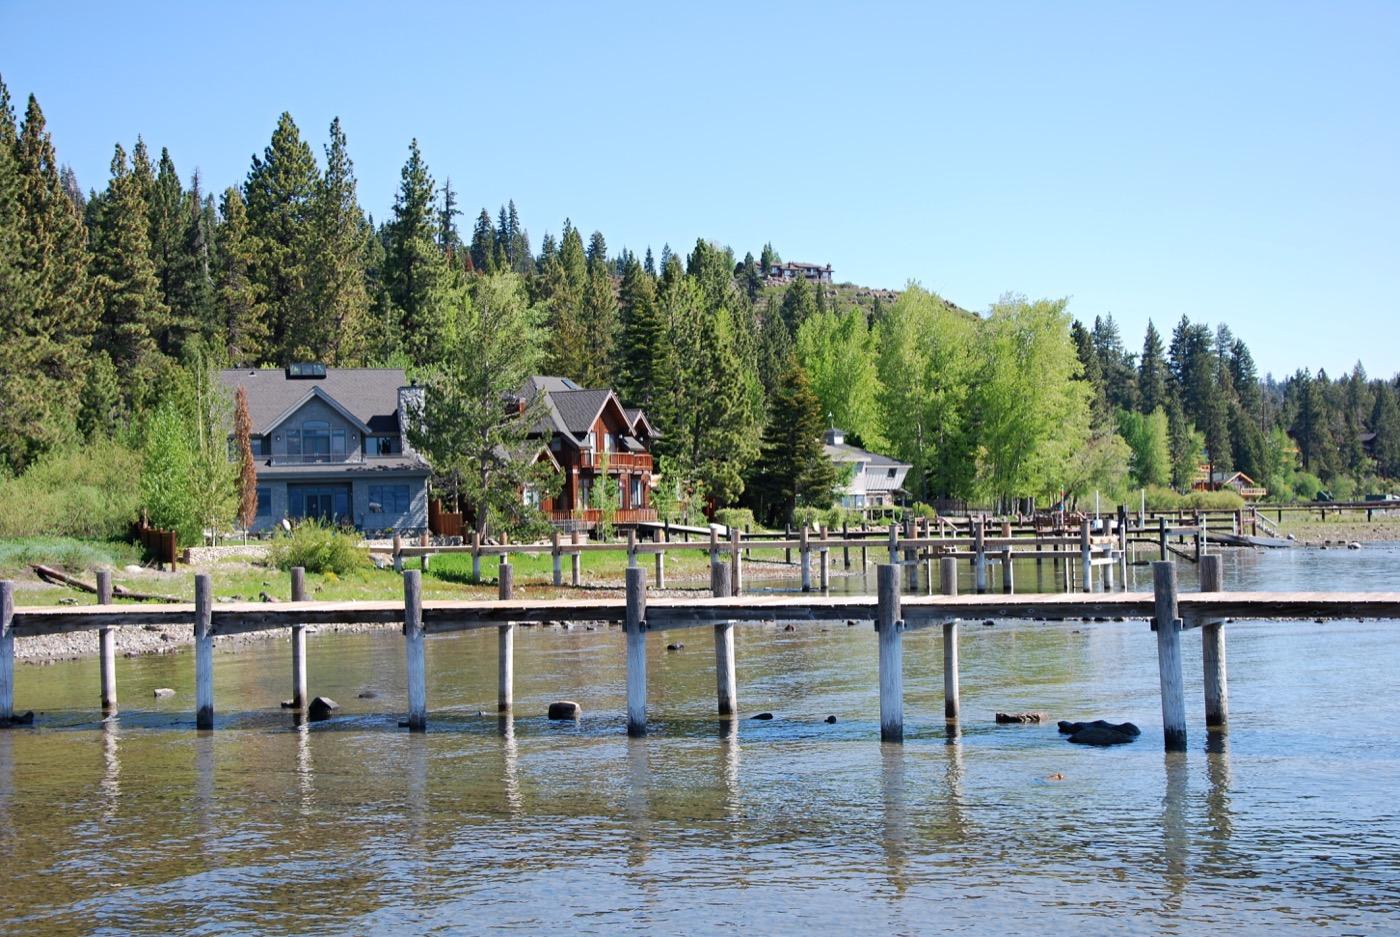 126607125 - lake tahoe, california